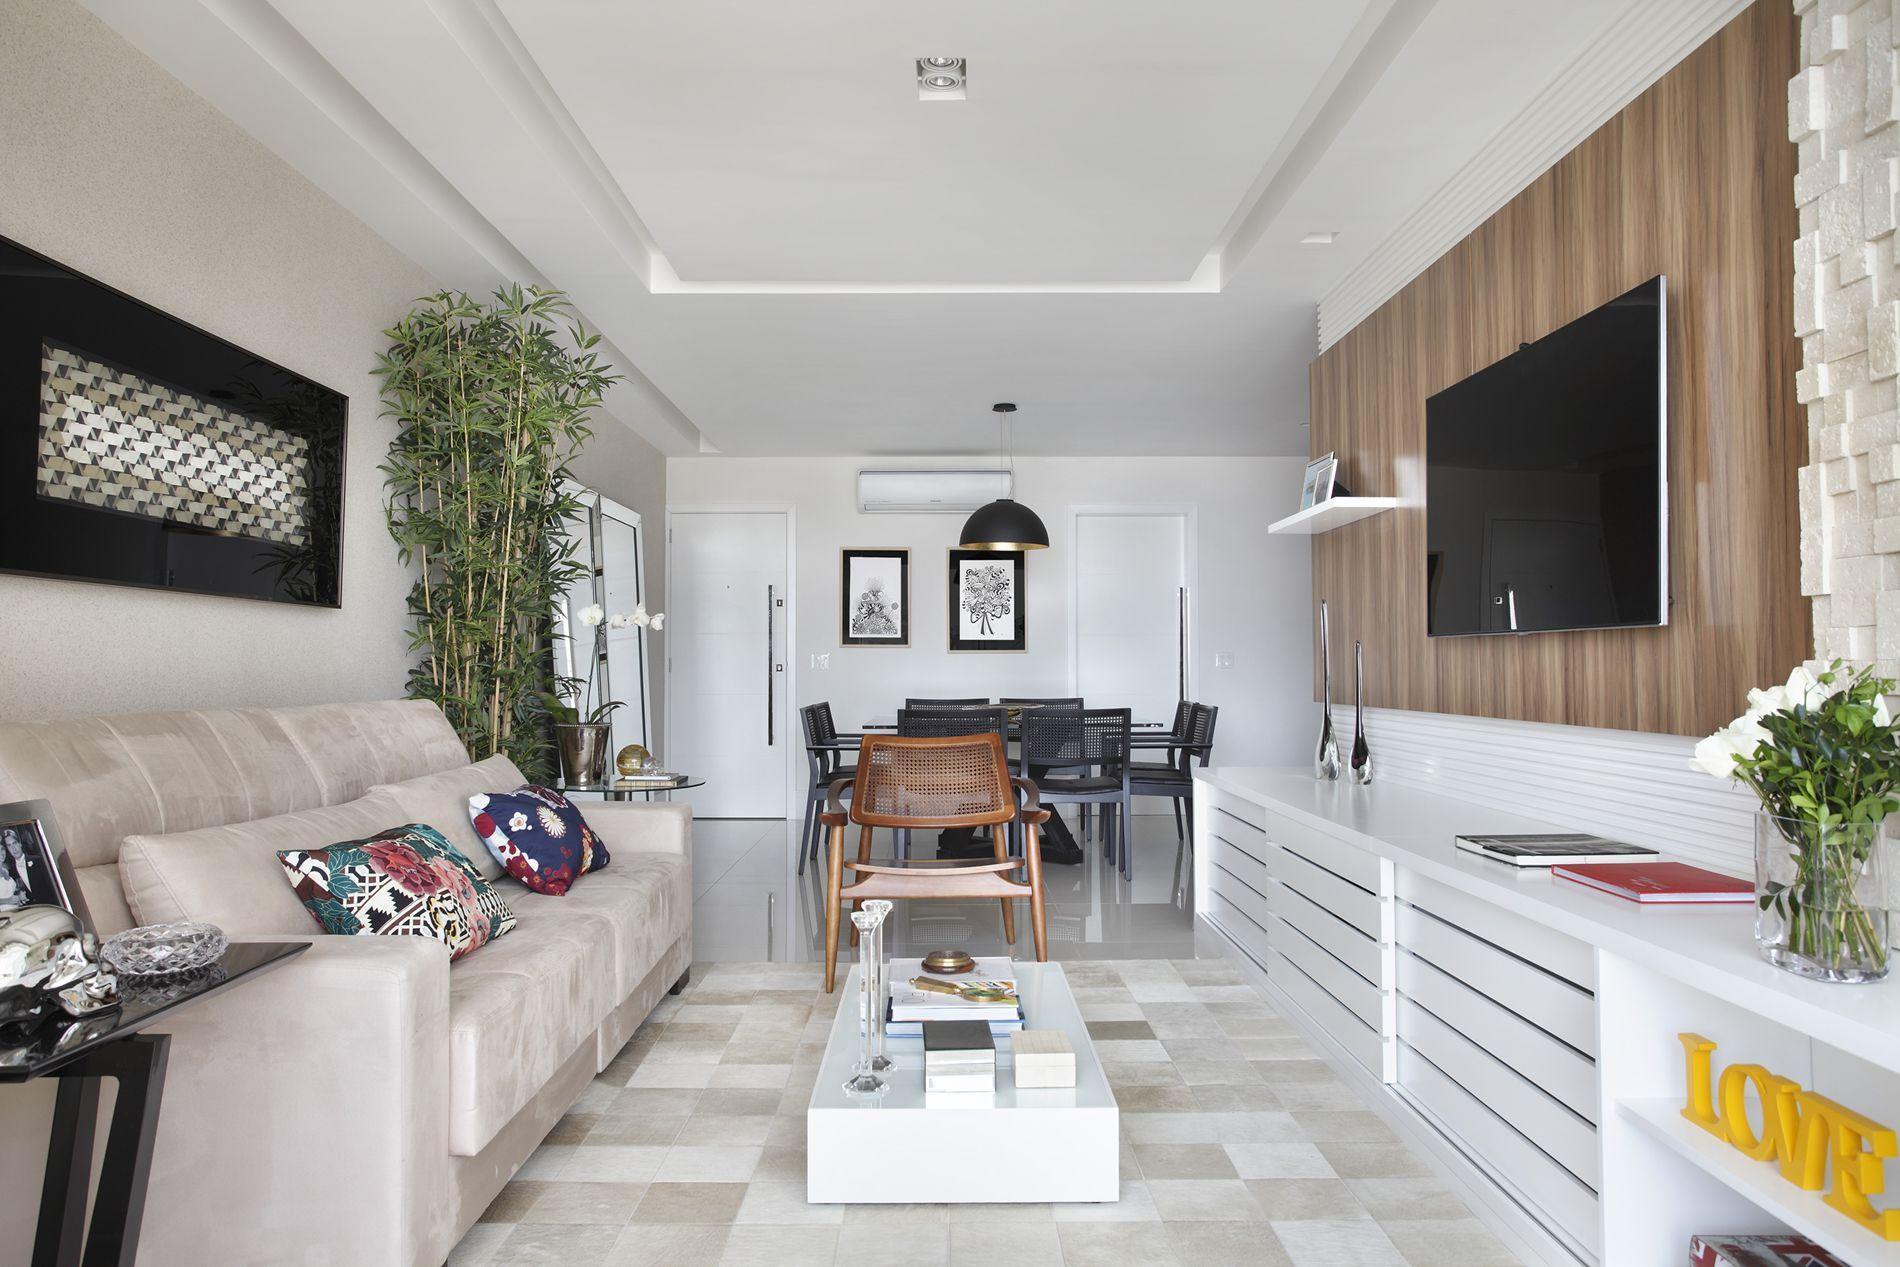 Apartamento oswaldo cruz flamengo bianca da hora for Modelos de salas de casa